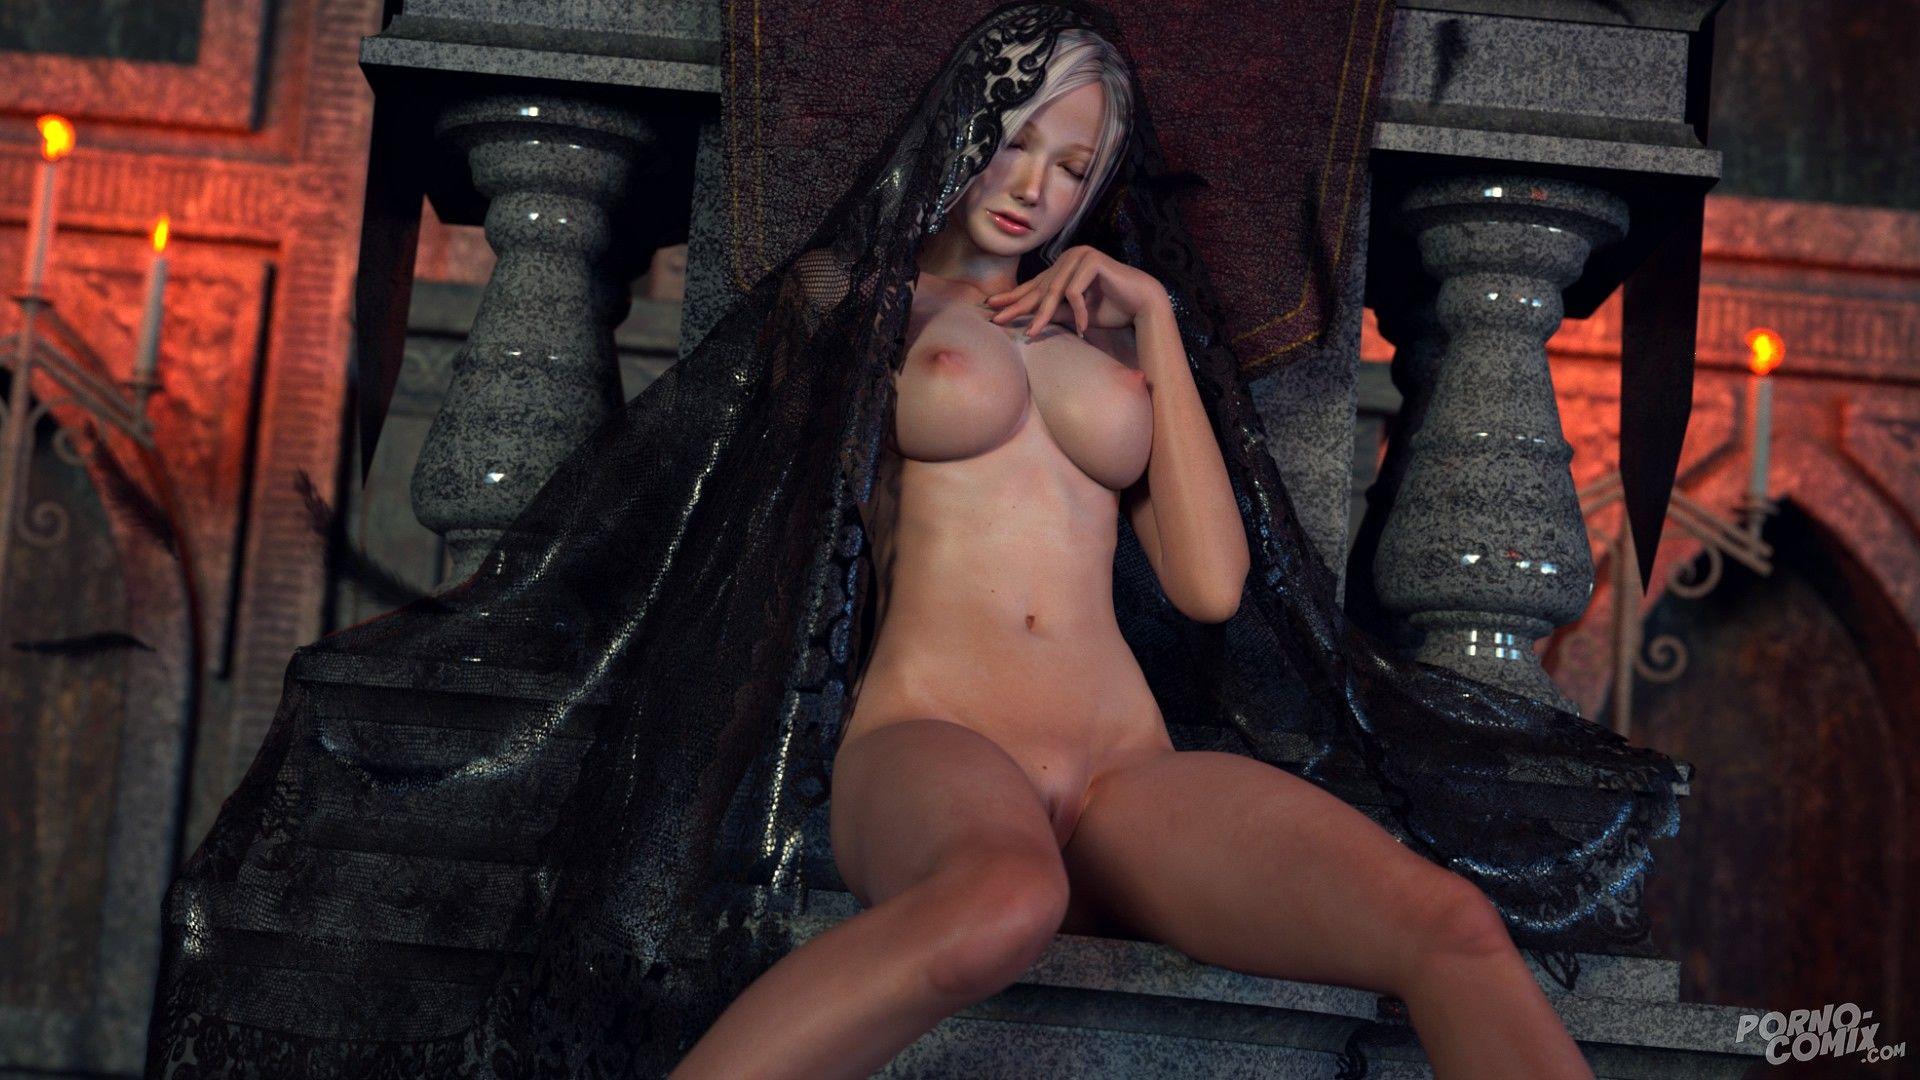 Смотреть бесплатно порно худые анал фото